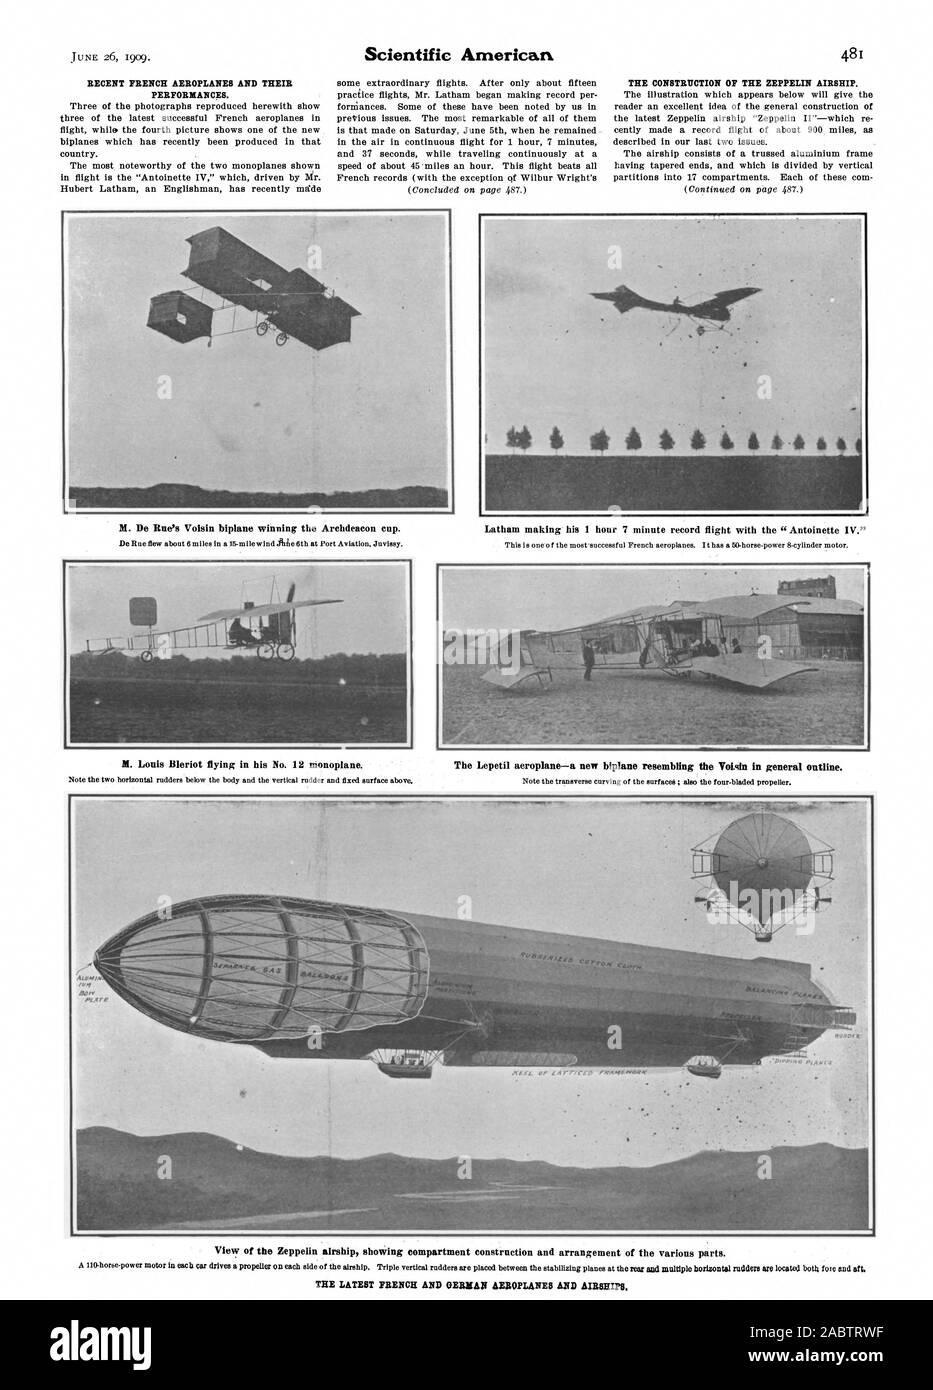 """M. De Rue de biplano Voisin ganar el Archidiácono cup. M. Louis Bleriot volando en su monoplano nº 12. Latham hacer su registro de 1 hora 7 minutos de vuelo con el """"Antoinette IV."""" El Lepetil-un nuevo avión biplano pareciéndose al Votigin en líneas generales. Vista del dirigible Zeppelin compartimiento mostrando la construcción y disposición de las diversas partes. Los últimos aviones franceses y alemanes y los dirigibles, Scientific American, -1909-06-26 Foto de stock"""